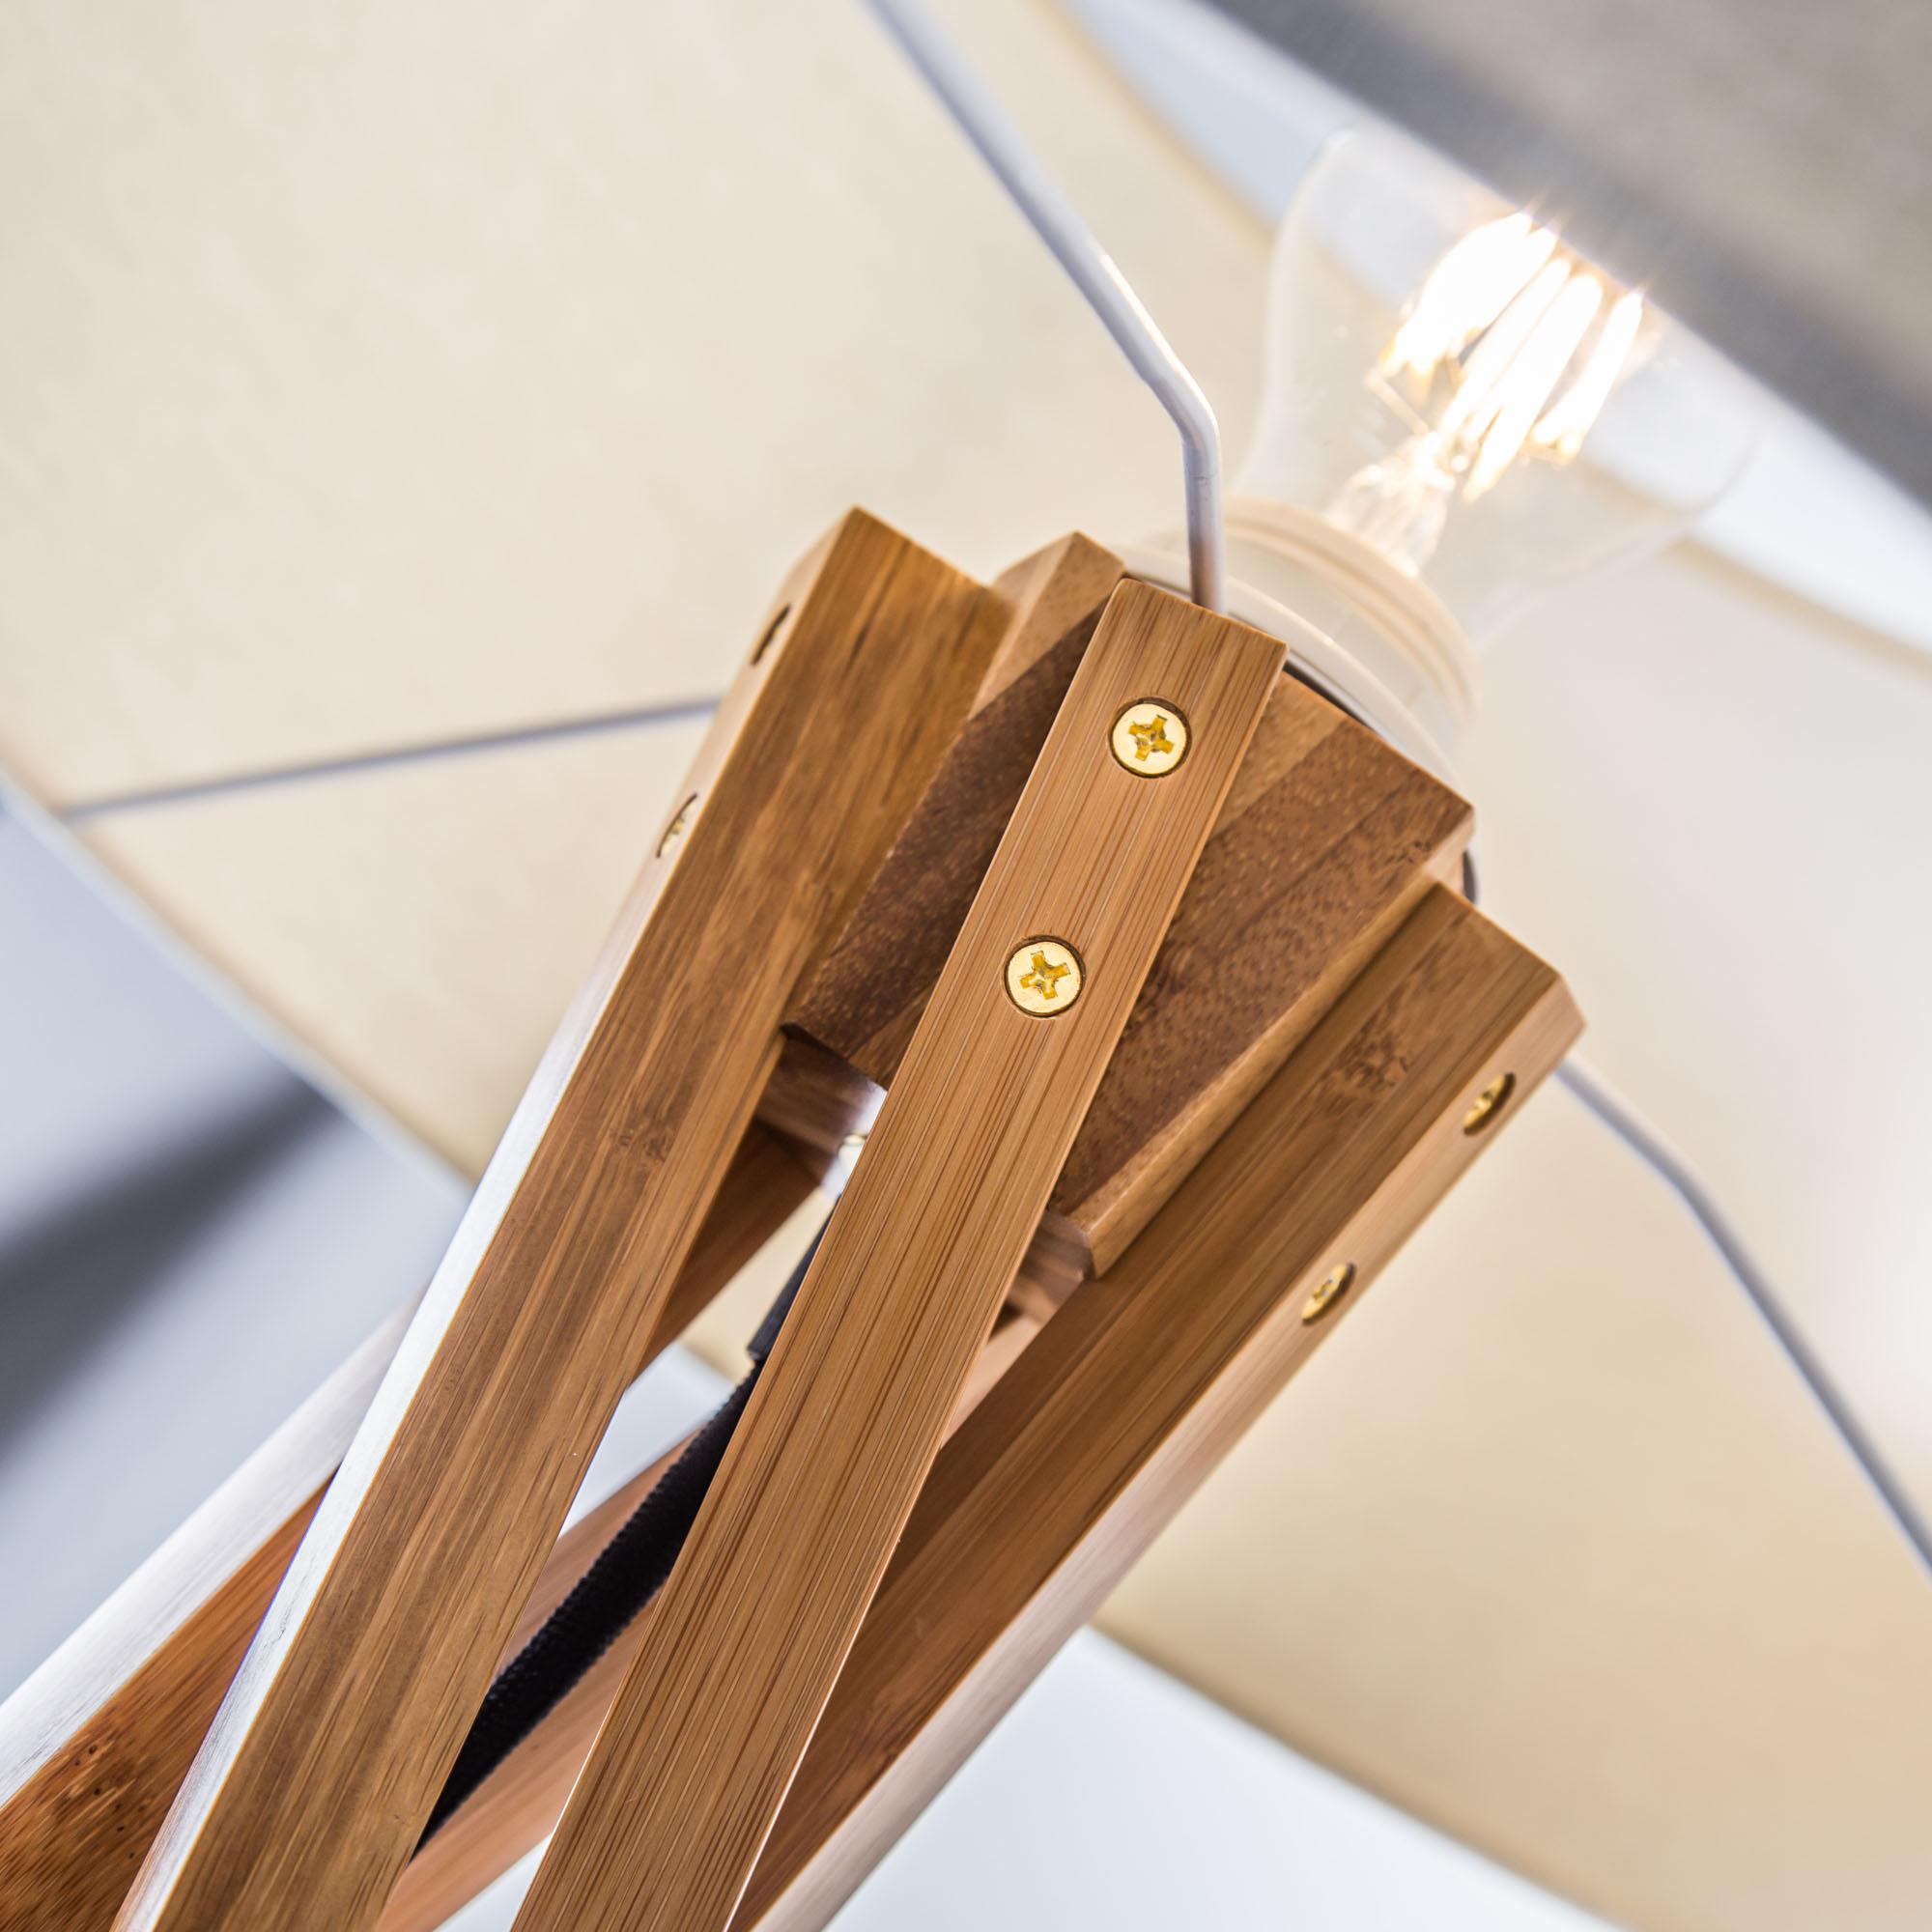 holz stehleuchte stehlampe mit textilschirm stoffschirm wei textil stoff eur 139 00. Black Bedroom Furniture Sets. Home Design Ideas